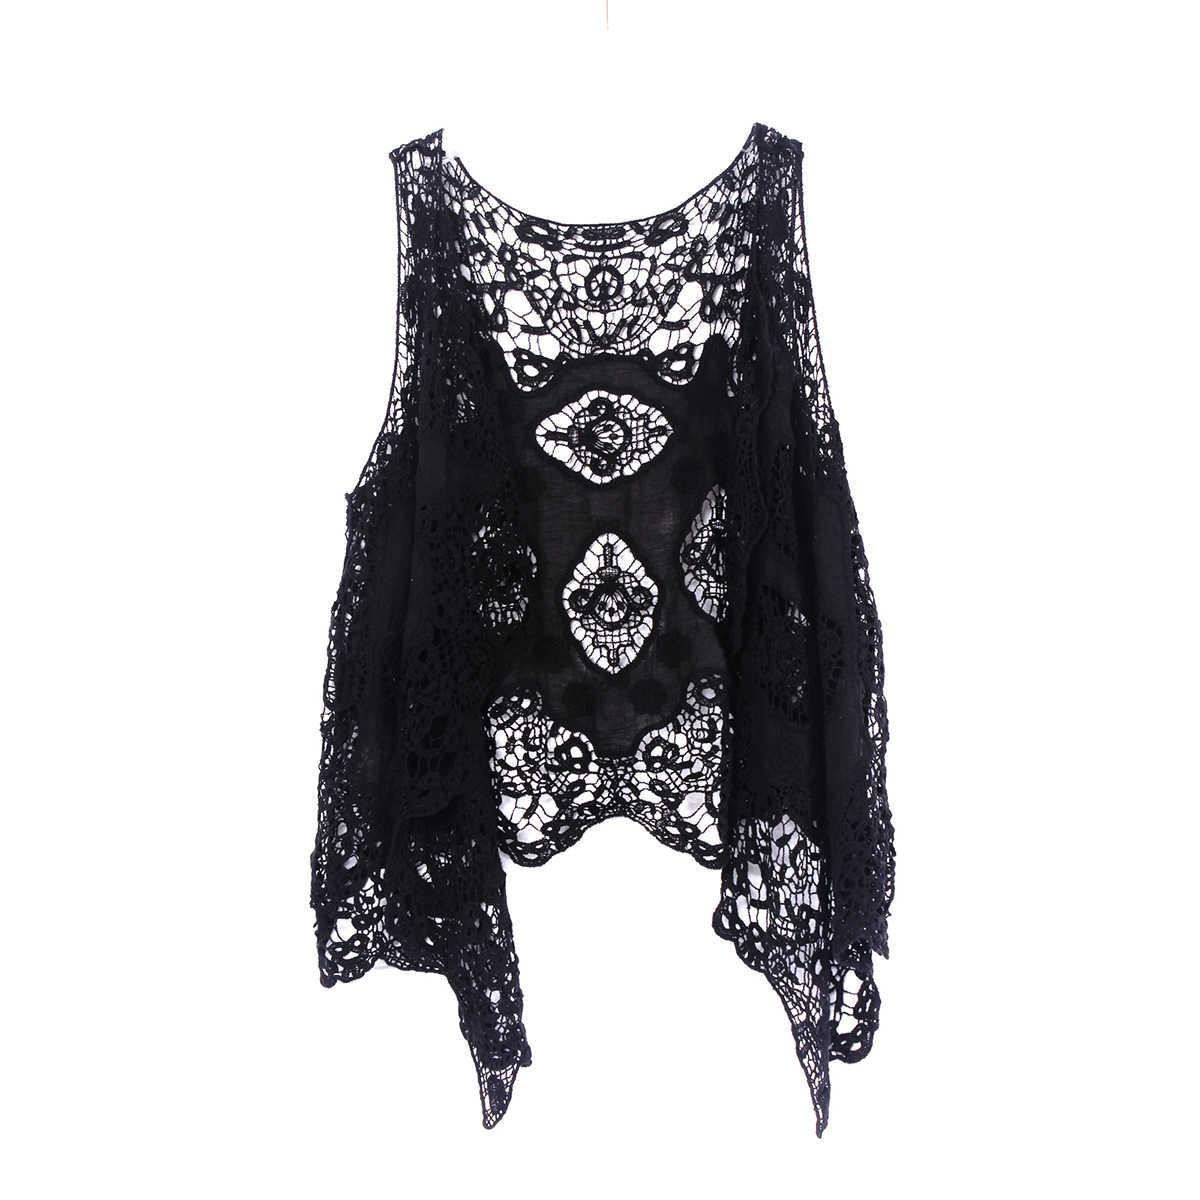 Асимметричный летний Boho кружевной трикотажный жакет для женщин с вырезами кардиган пальто верхняя одежда женский винтажный Froral джинсовый жакет с вышивкой